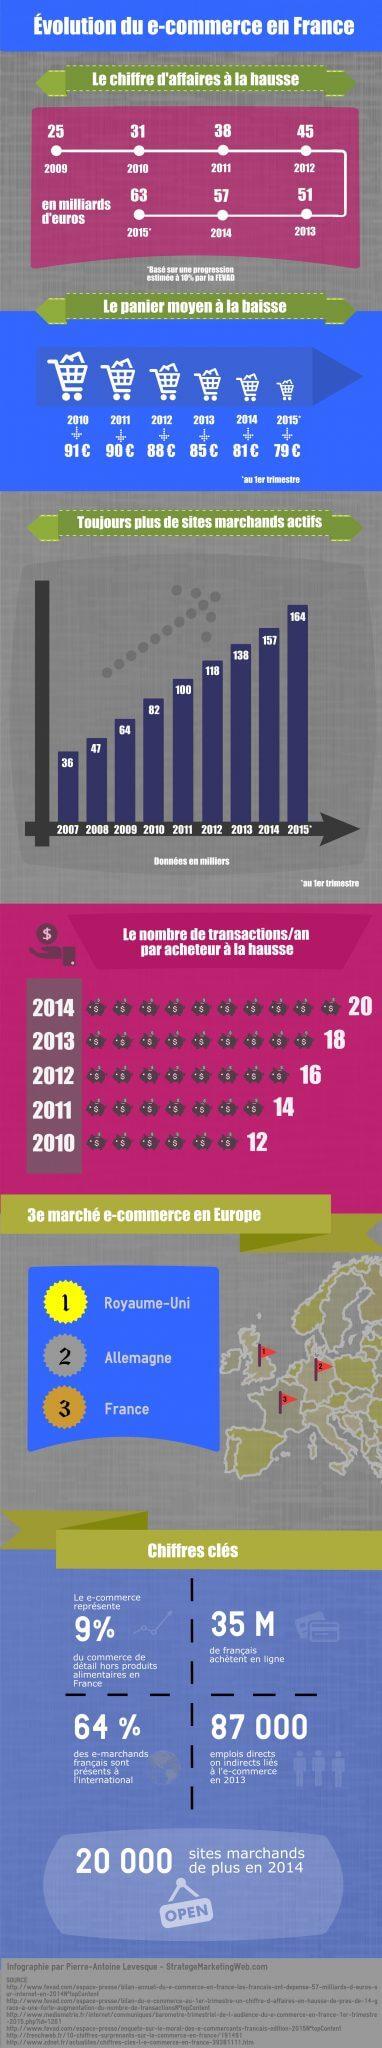 Infographie par Pierre-Antoine Levesque : Évolution du e-commerce en France ces dernières années et données préliminaires pour 2015